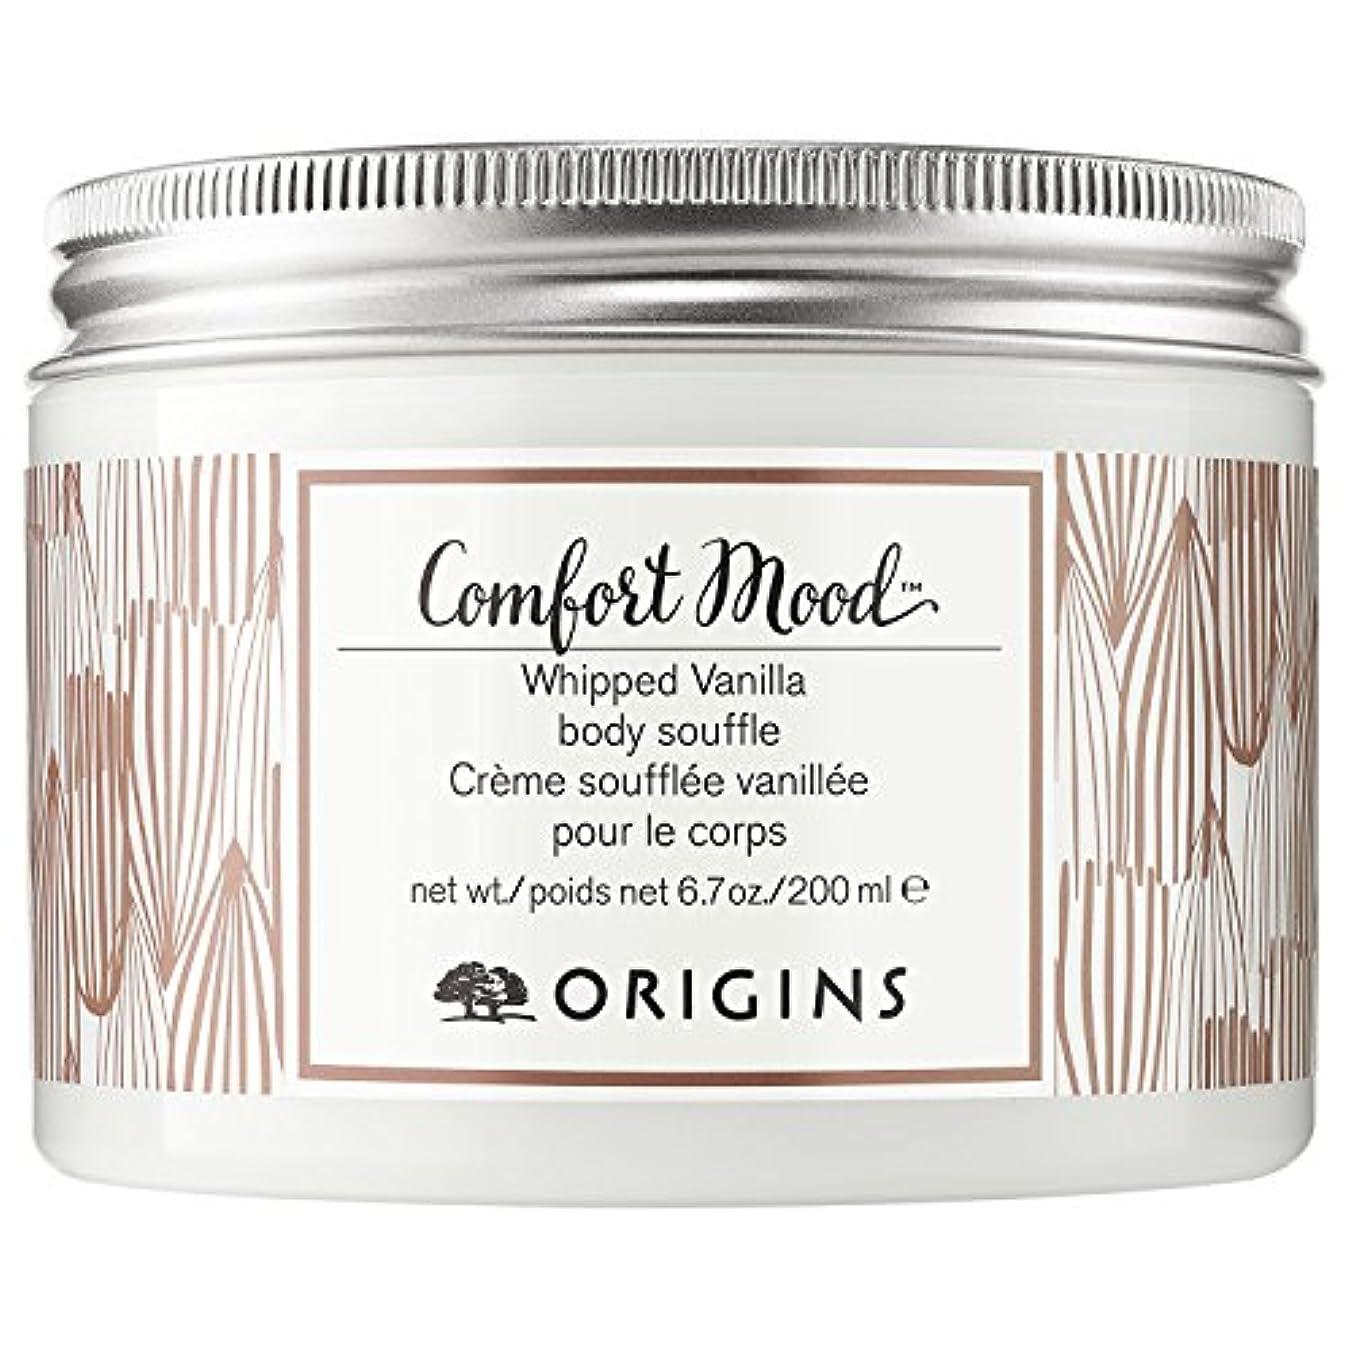 動力学贅沢契約起源の快適な気分ホイップバニラボディスフレ200ミリリットル (Origins) - Origins Comfort Mood Whipped Vanilla Body Souffle 200ml [並行輸入品]